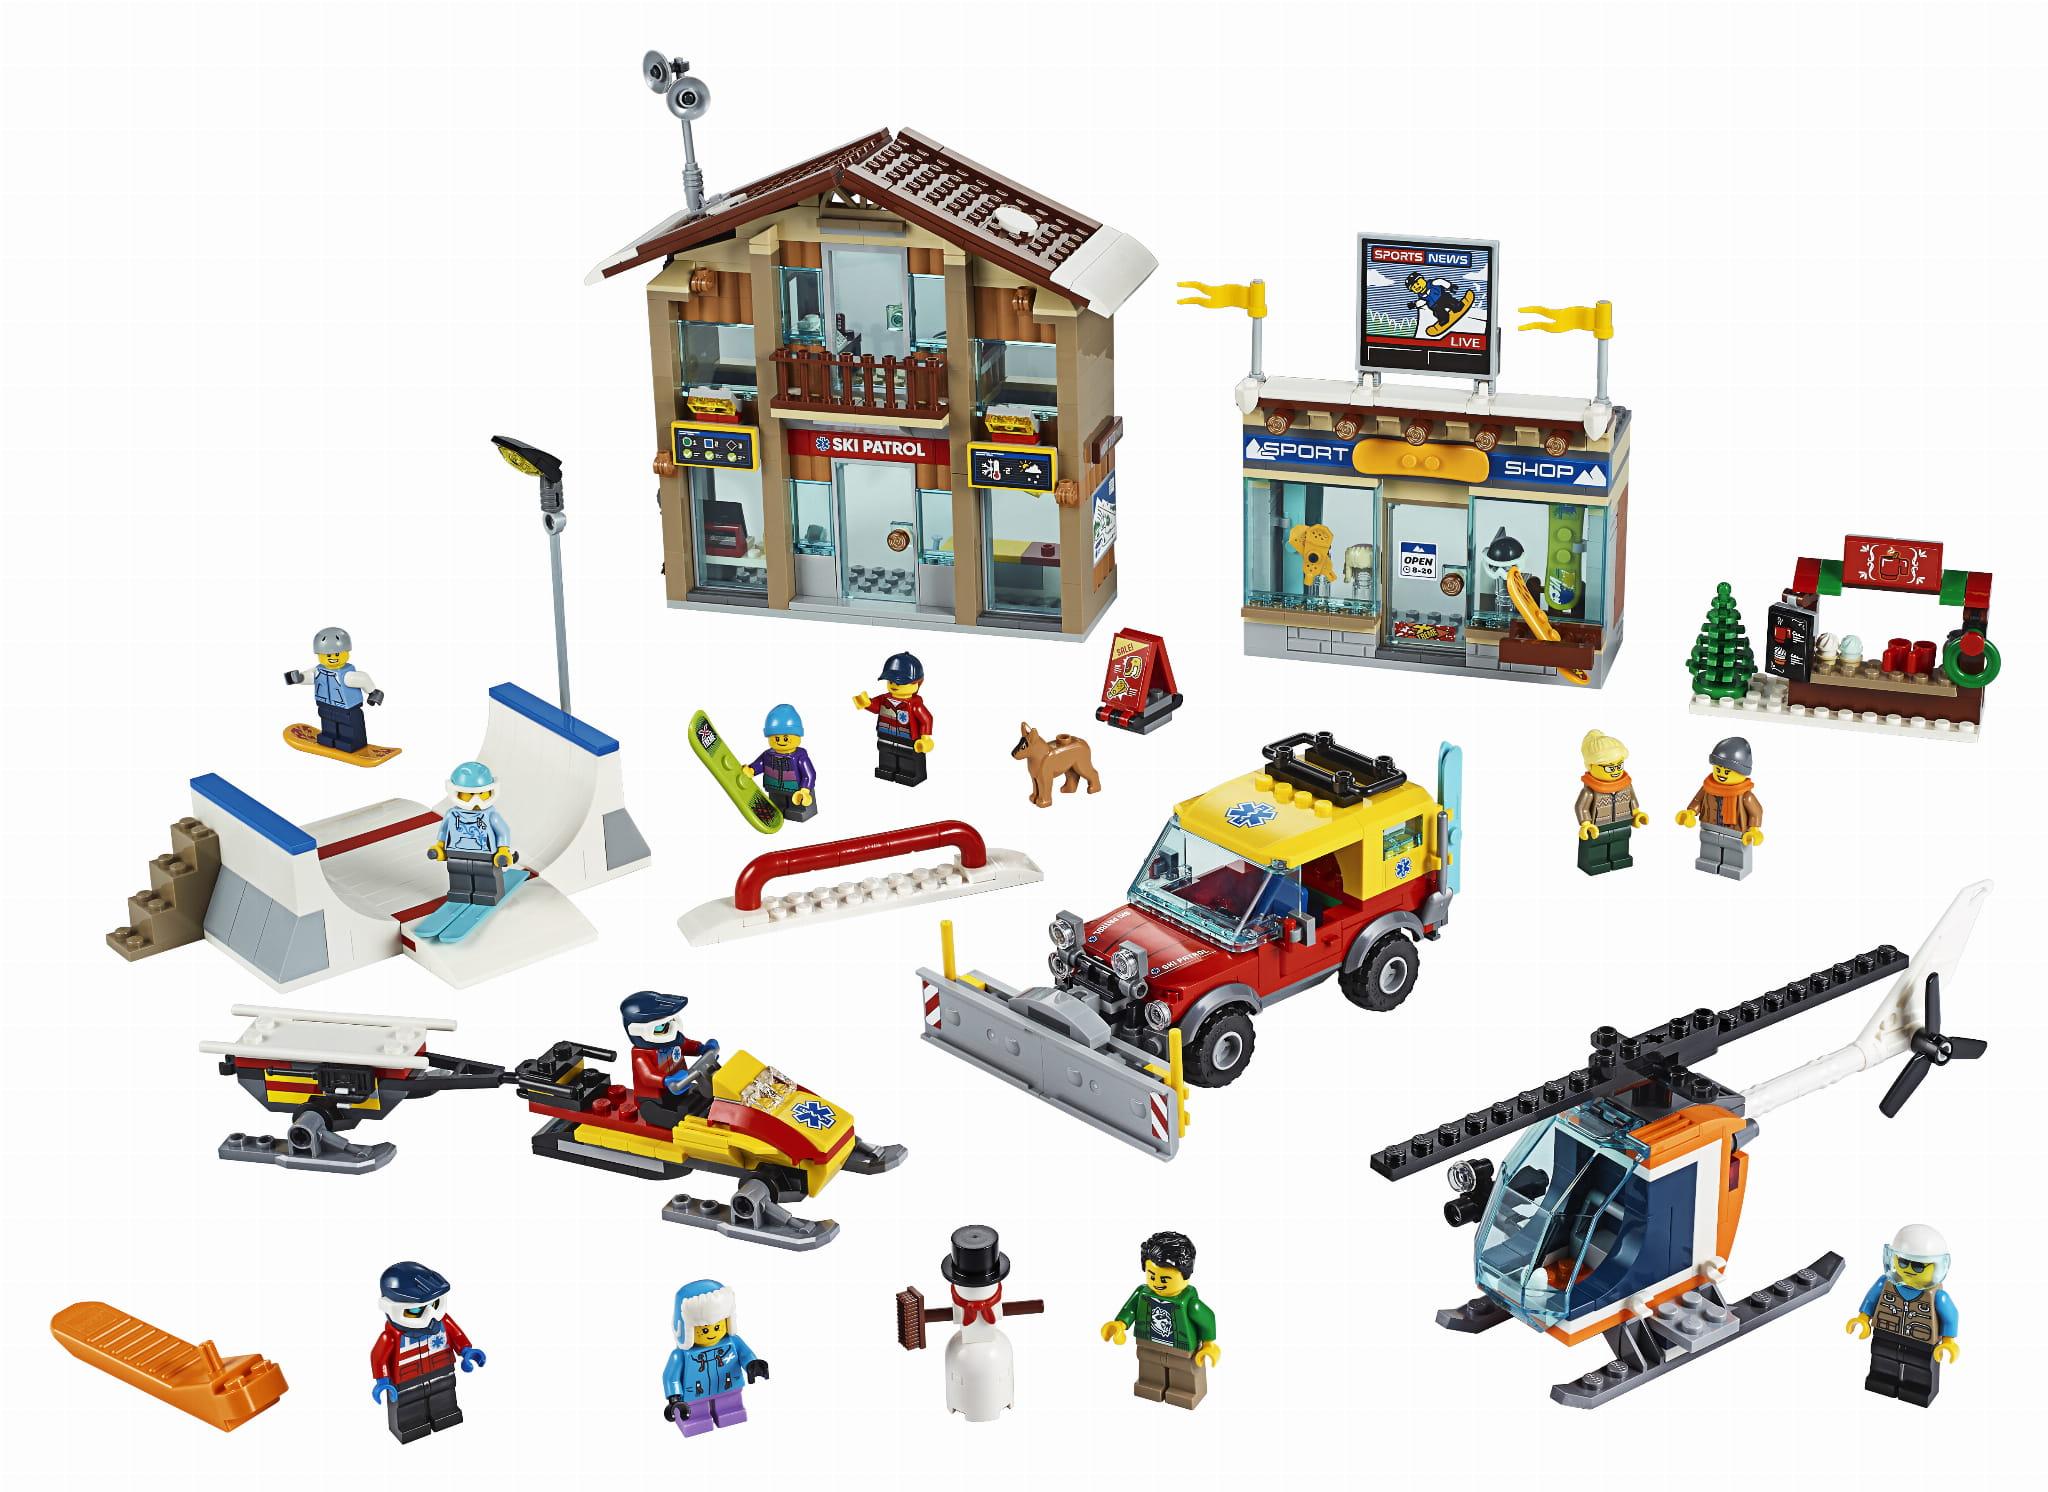 KLOCKI LEGO 60203 Kurort narciarski z SERII LEGO CITY